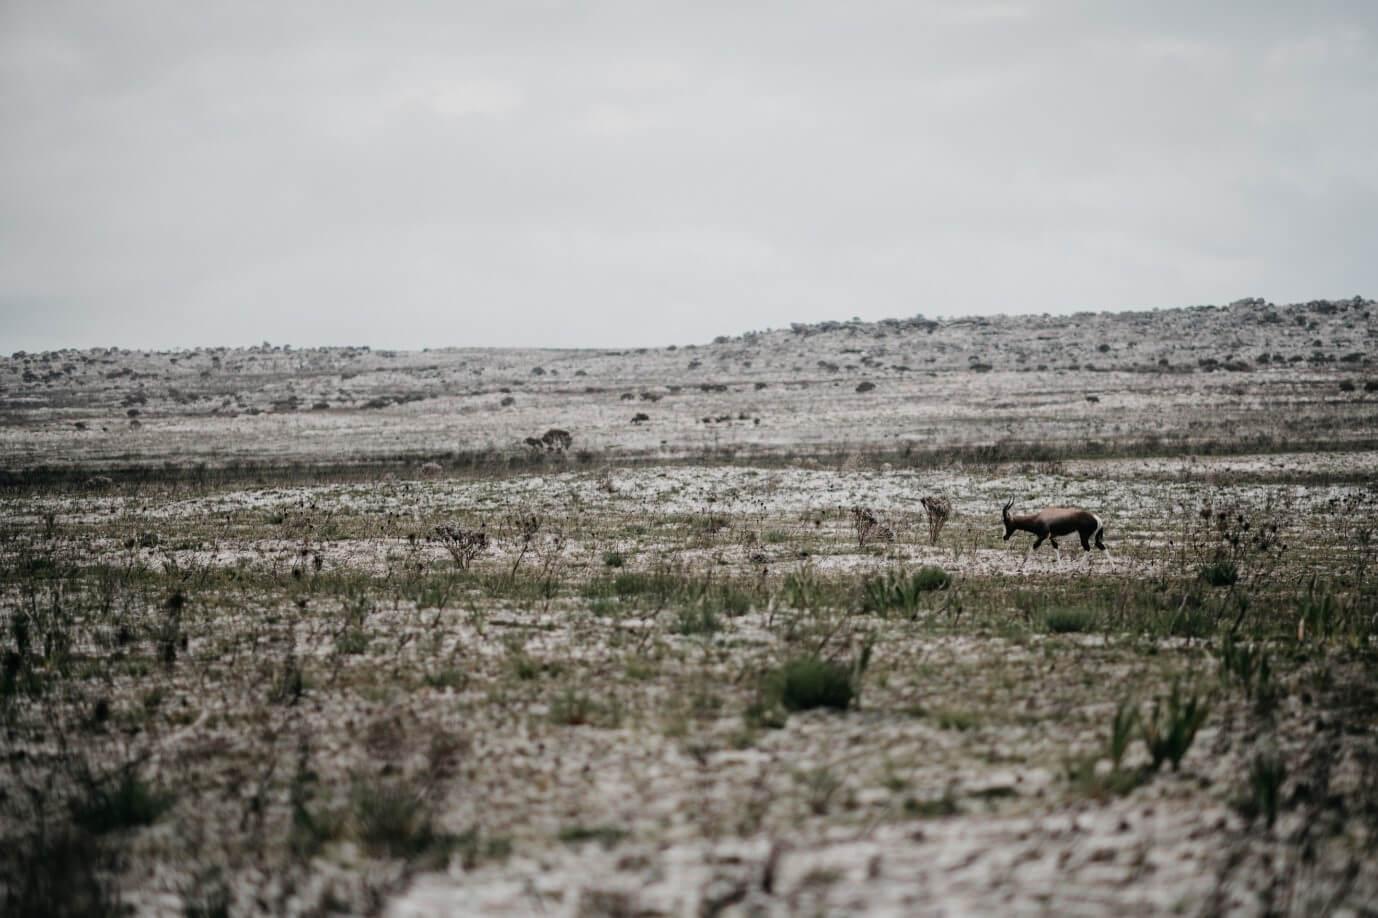 Der Buntbock ist oft auf Flachland zu entdecken.